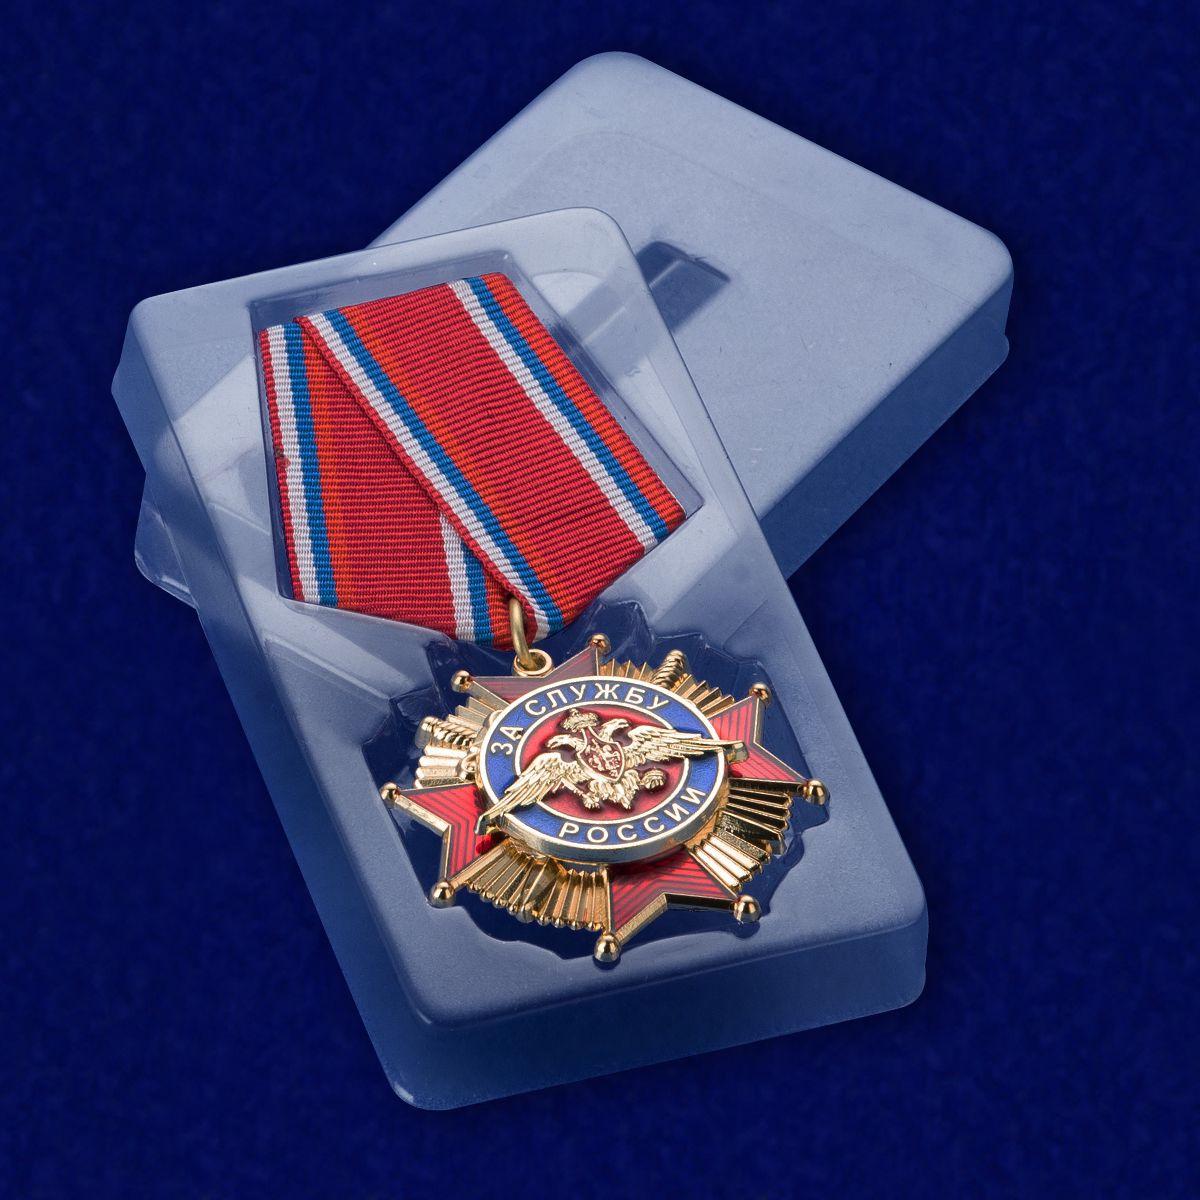 Орден За службу России 1 степени в футляре из пластика